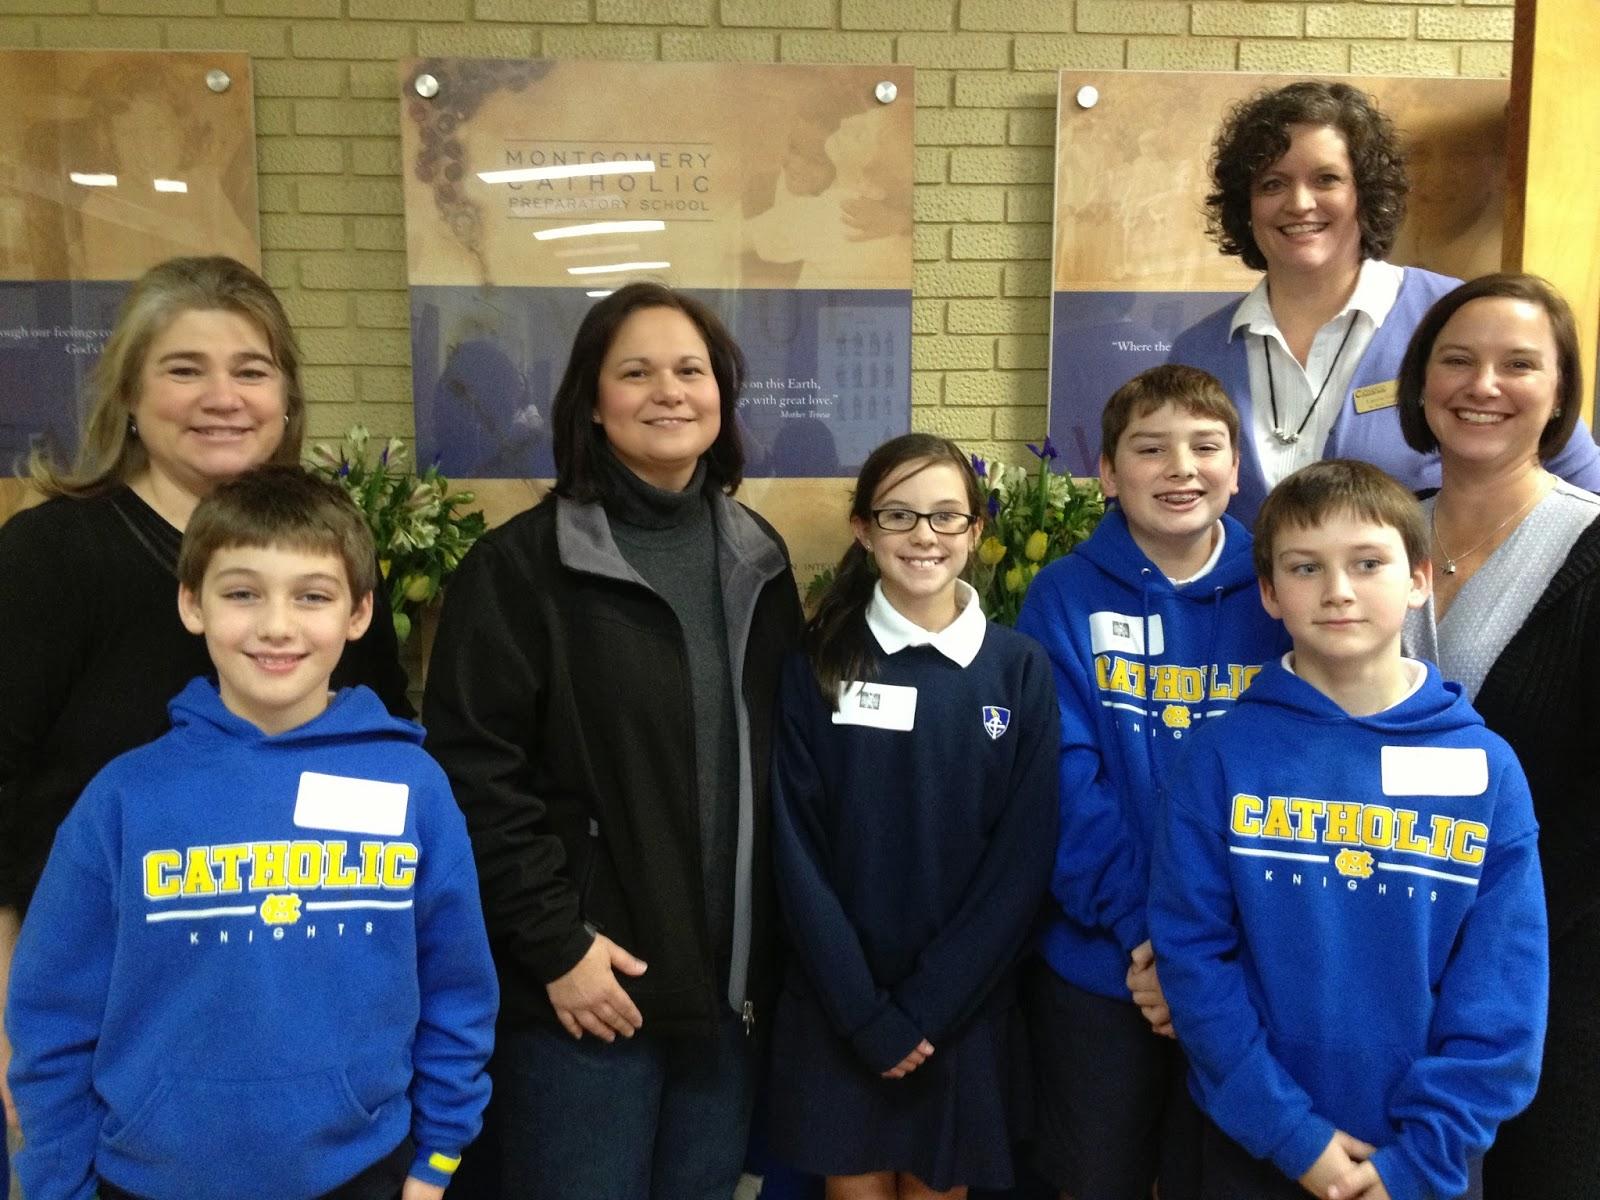 MONTGOMERY CATHOLIC PREPARATORY SCHOOL OPENS DOORS TO NEW FAMILIES 1